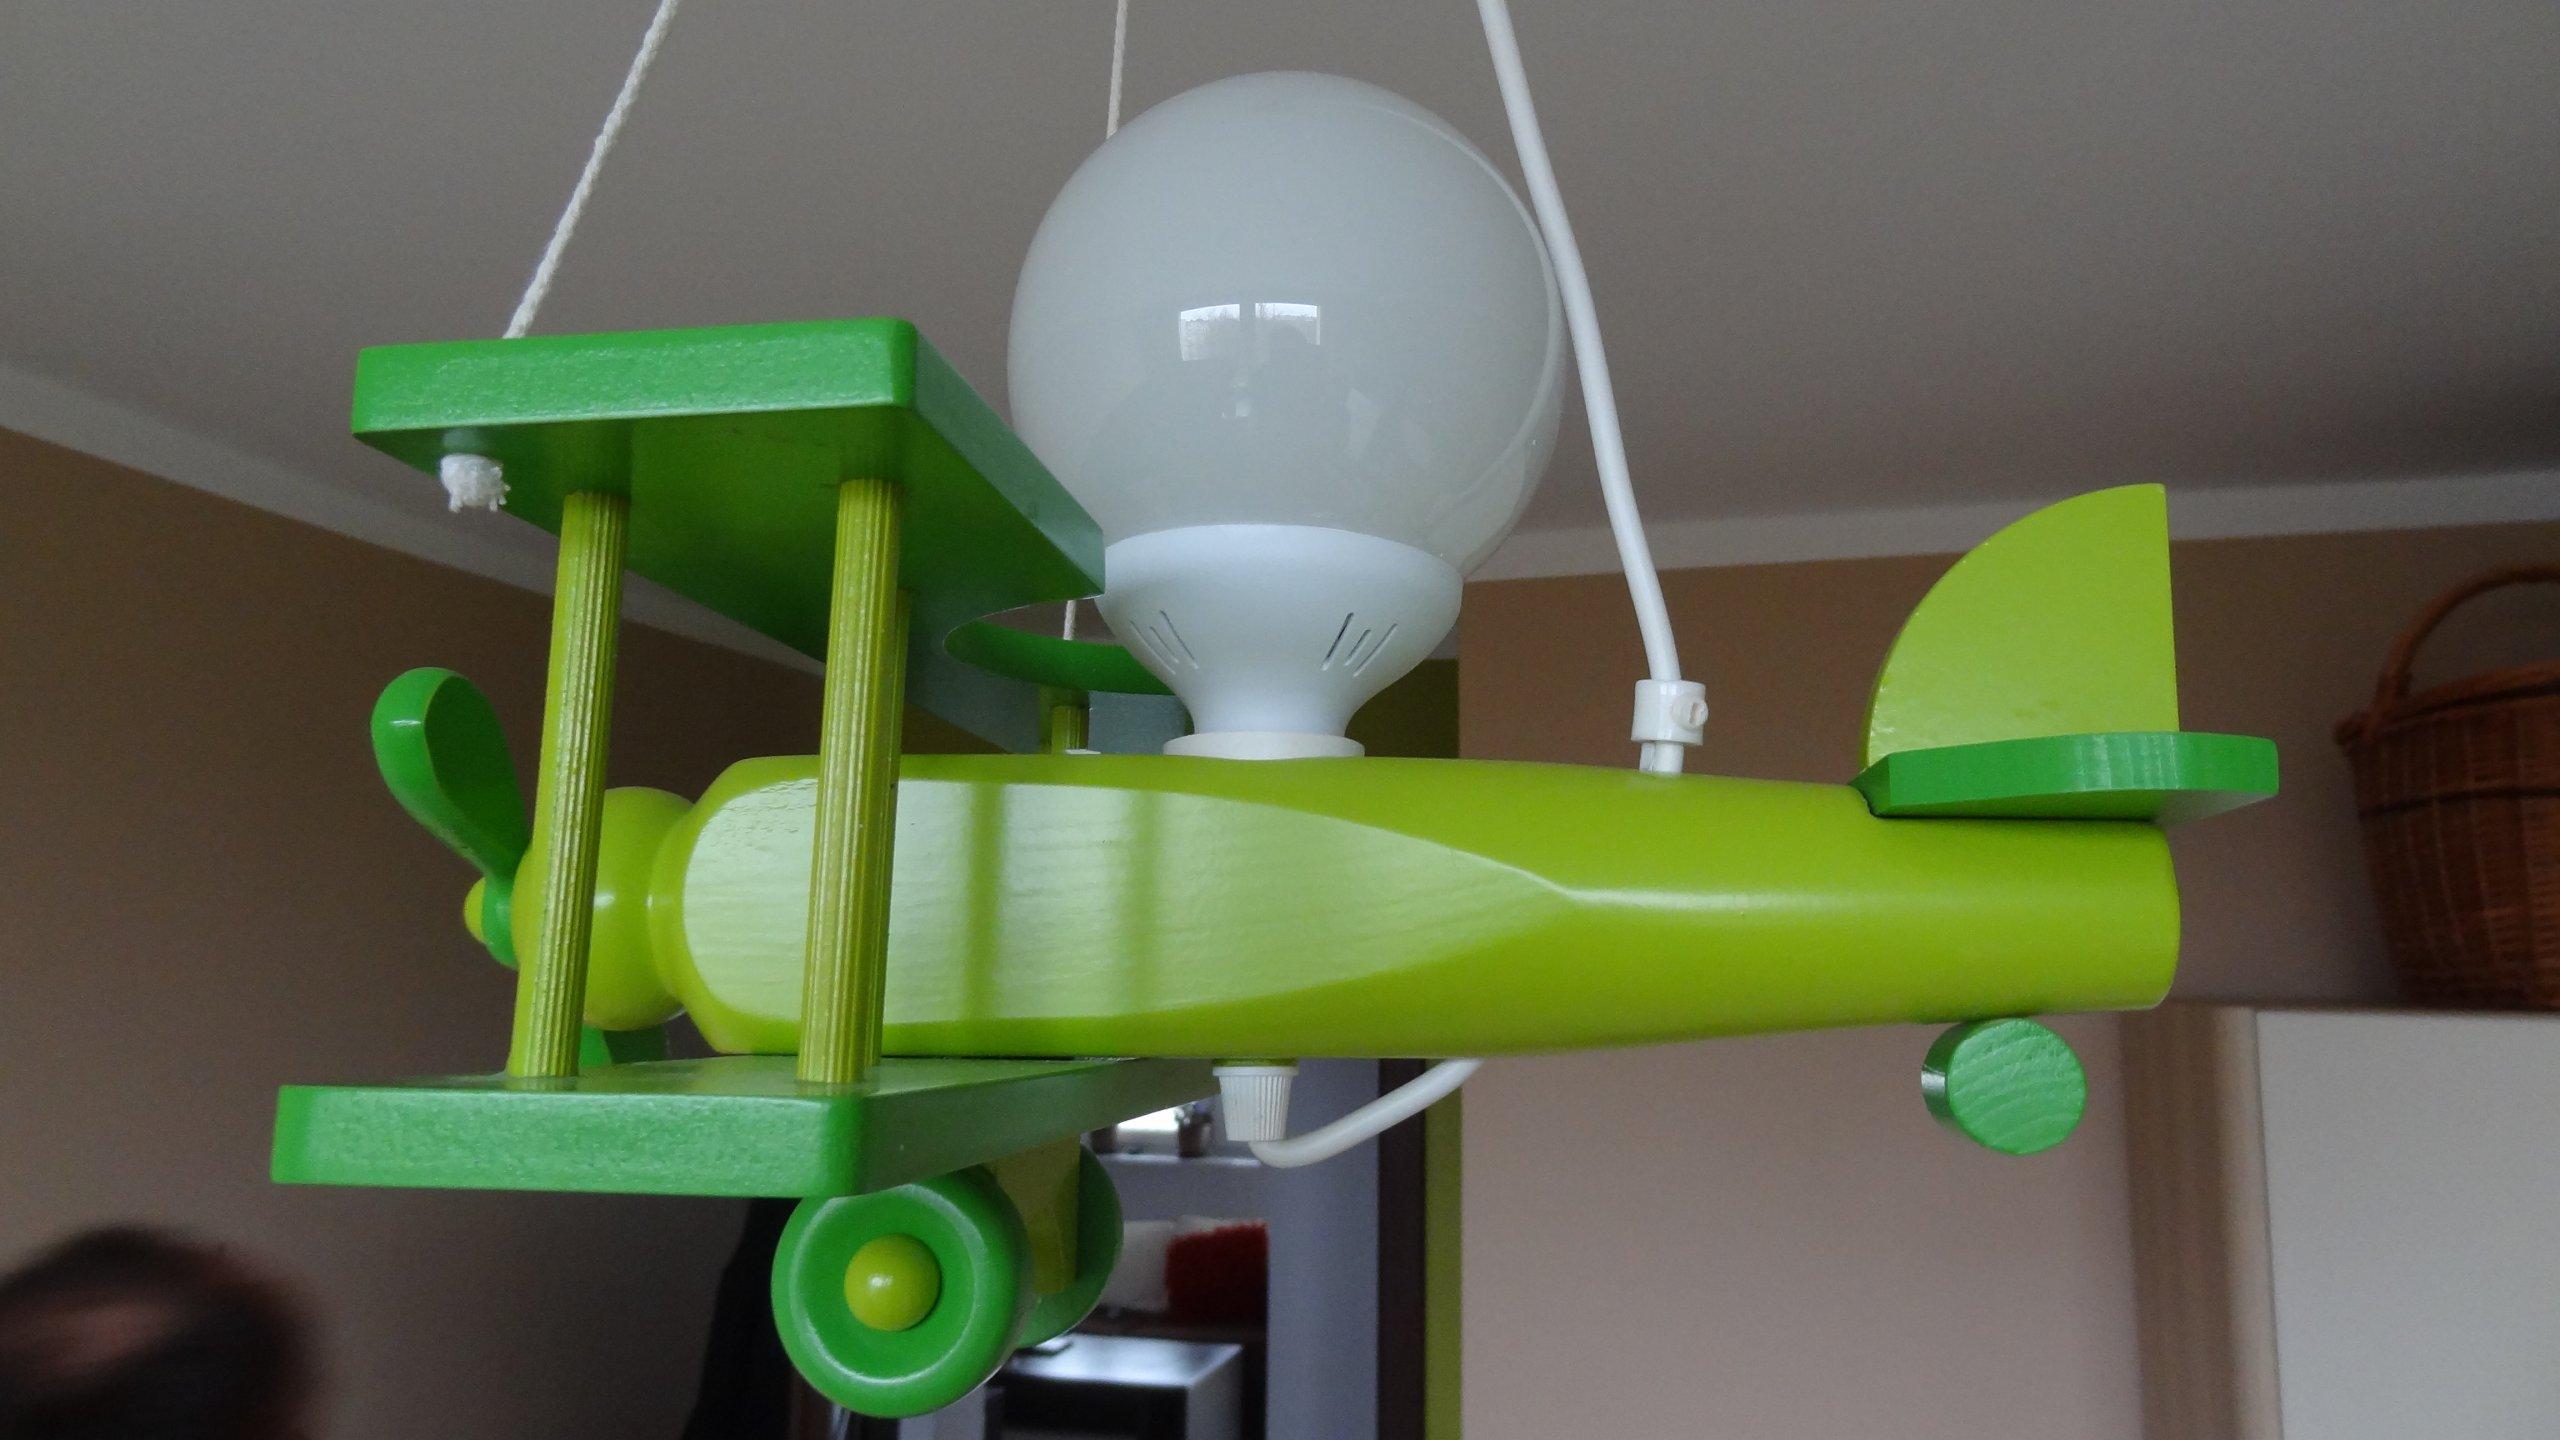 żyrandol Samolot Oświetlenie Do Pokoju Dla Chłopca